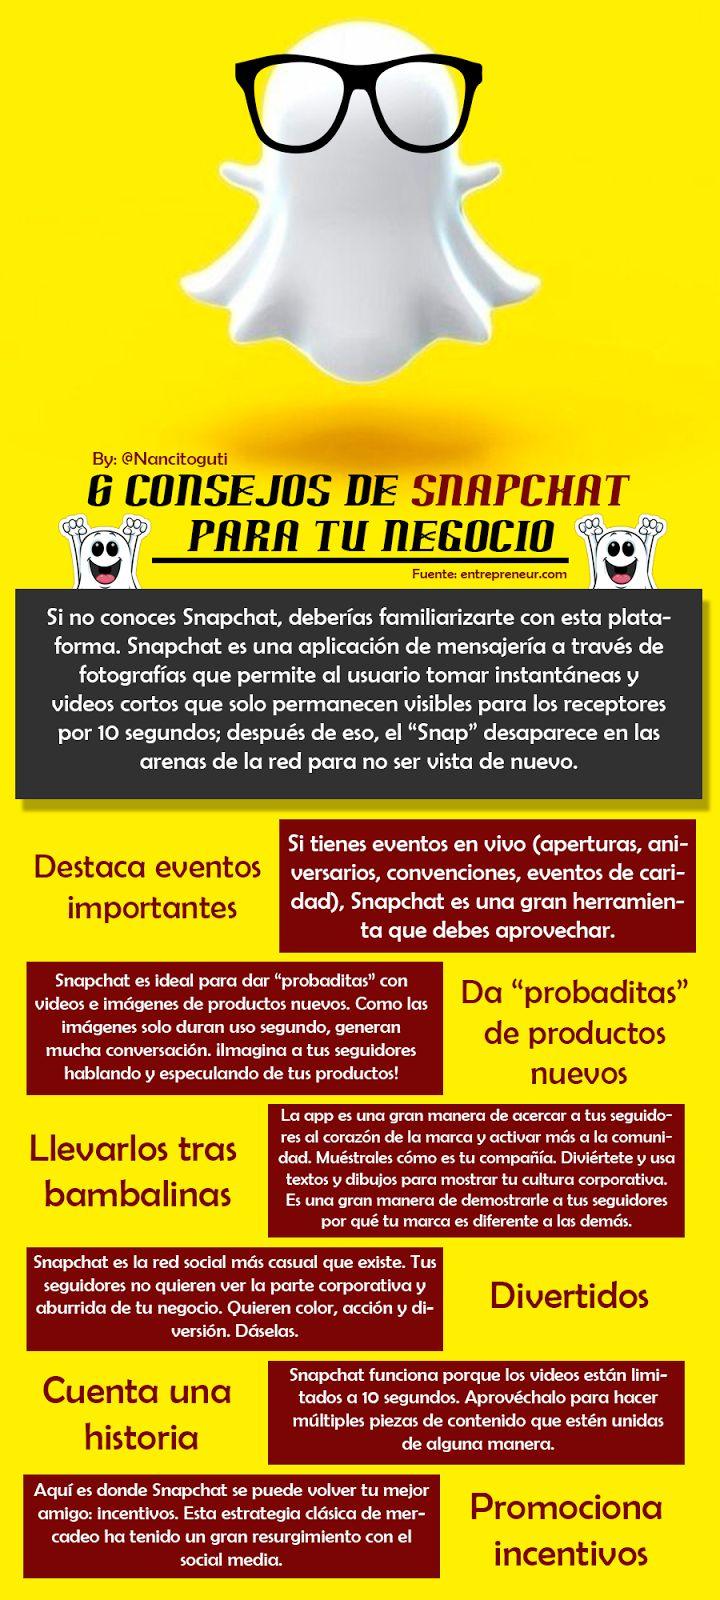 6 Consejos de #Snapchat para tu negocio. *ZaraGL Asesora Marketing Integral, Mobile, Digital-Negocios-Social Media-Gestión Ventas-Productos/Cursos Online/Escritora-Ensayista. www.zaragl.com.ve *G+ zaragl;FB zara.g.lobo;INS zara.g.lobo;TW @zaragltweet